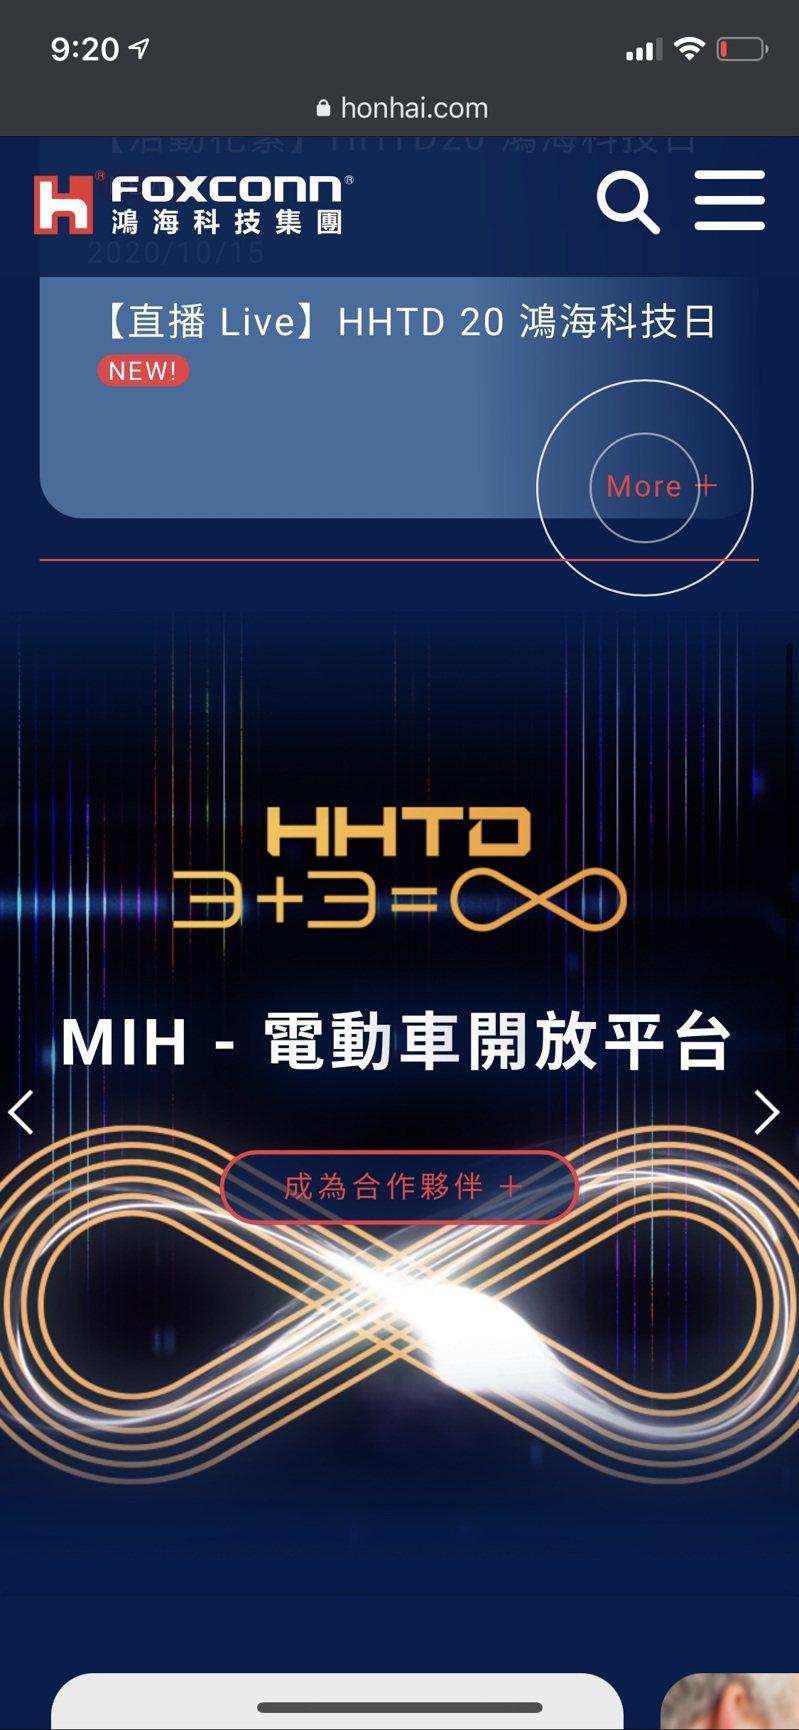 鴻海官方網站今晚更新募集電動車開放平台夥伴資訊。 圖/翻攝鴻海官網